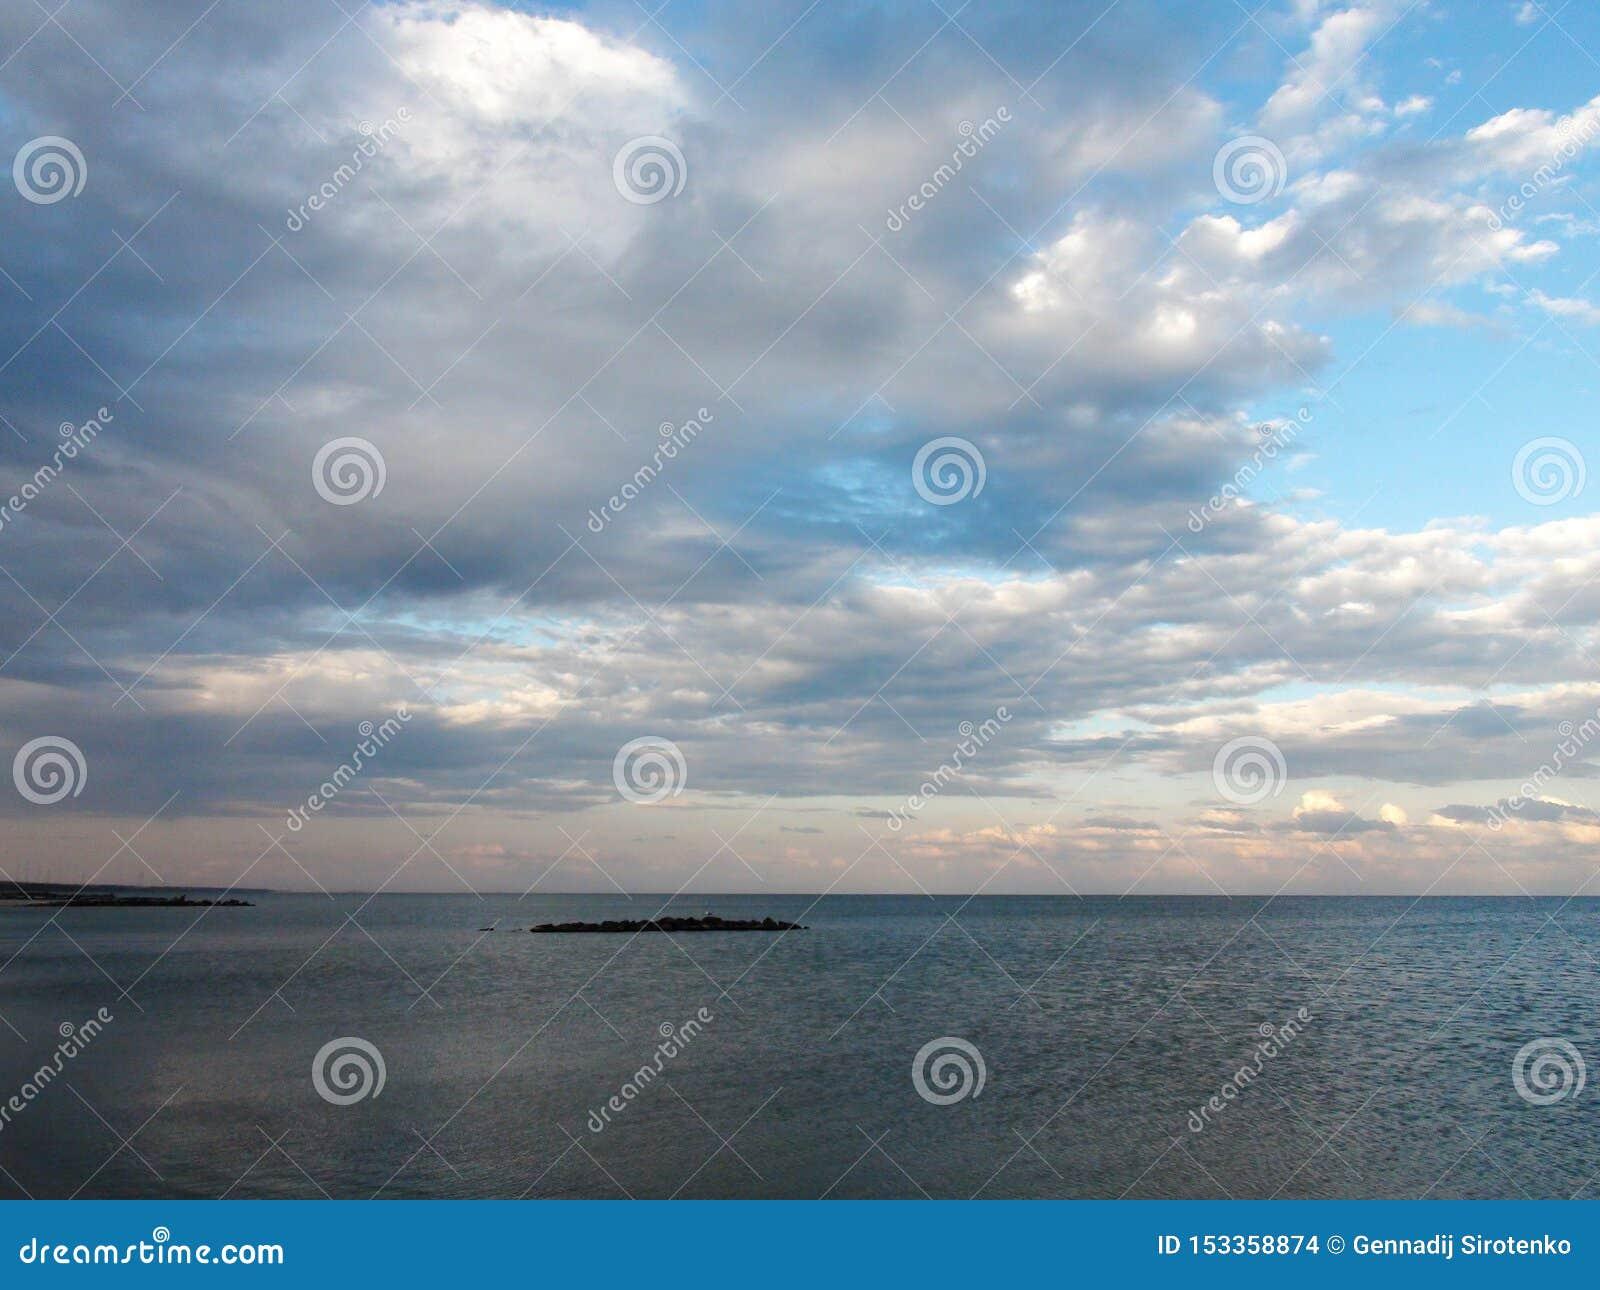 Paisajes de la flora del mar de Azov y del mar que igualan paisajes cerca de la ciudad de Primorsk de la región de Zaporizhzhya u